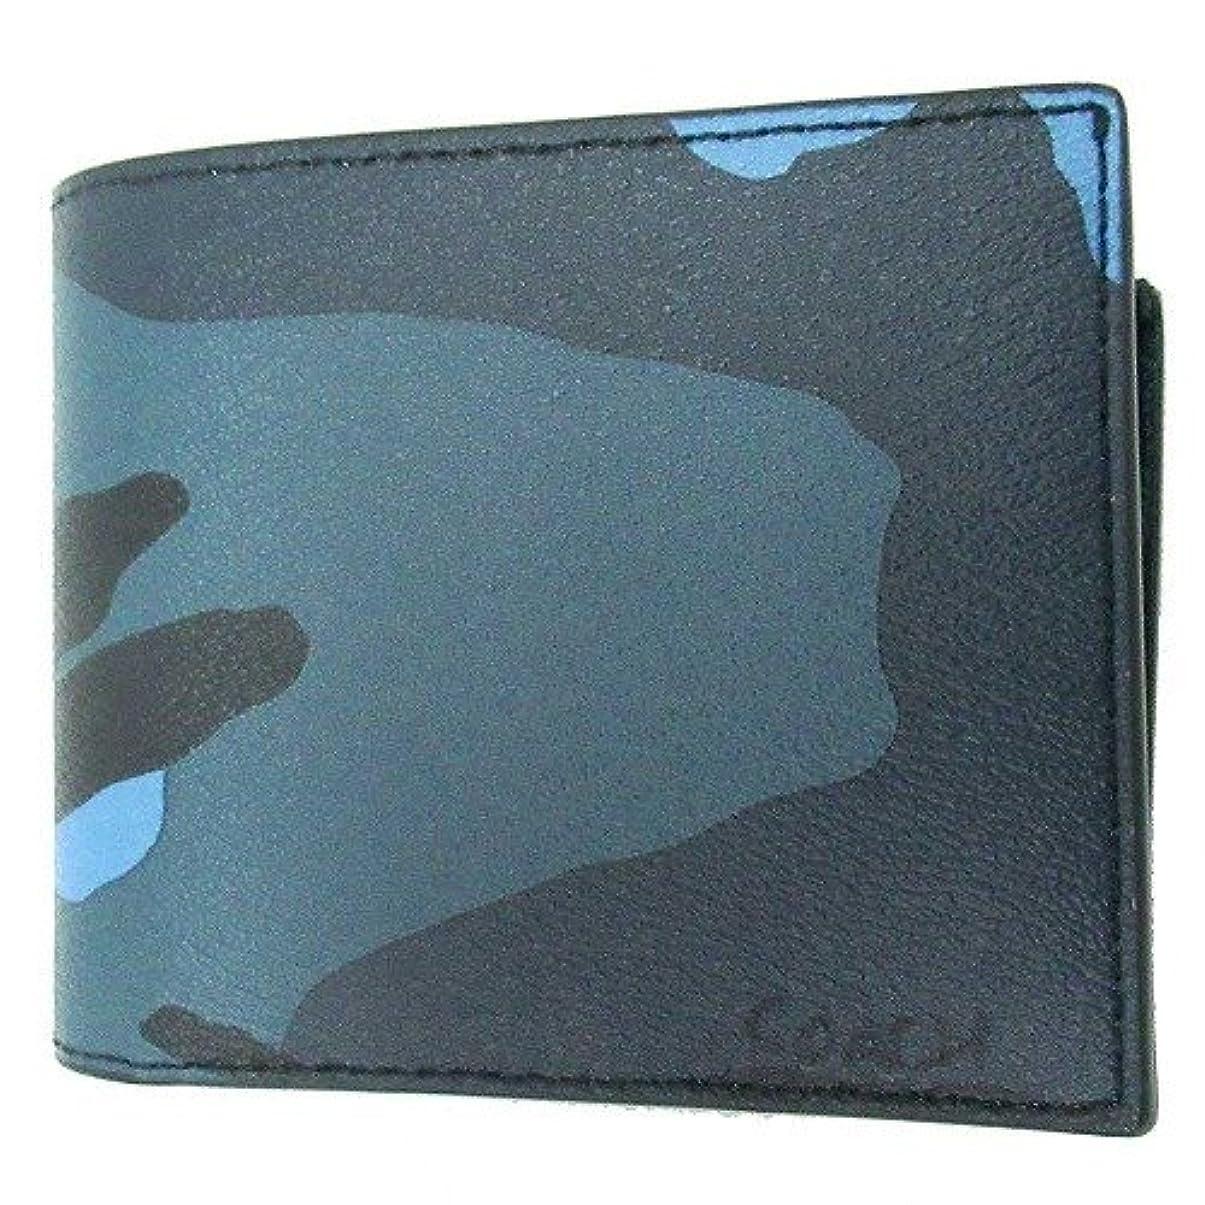 増強する日焼けルーコーチ 財布 COACH アウトレット メンズ 3 in 1 カモ プリント IDウォレット 二つ折り財布 F32438 MRX